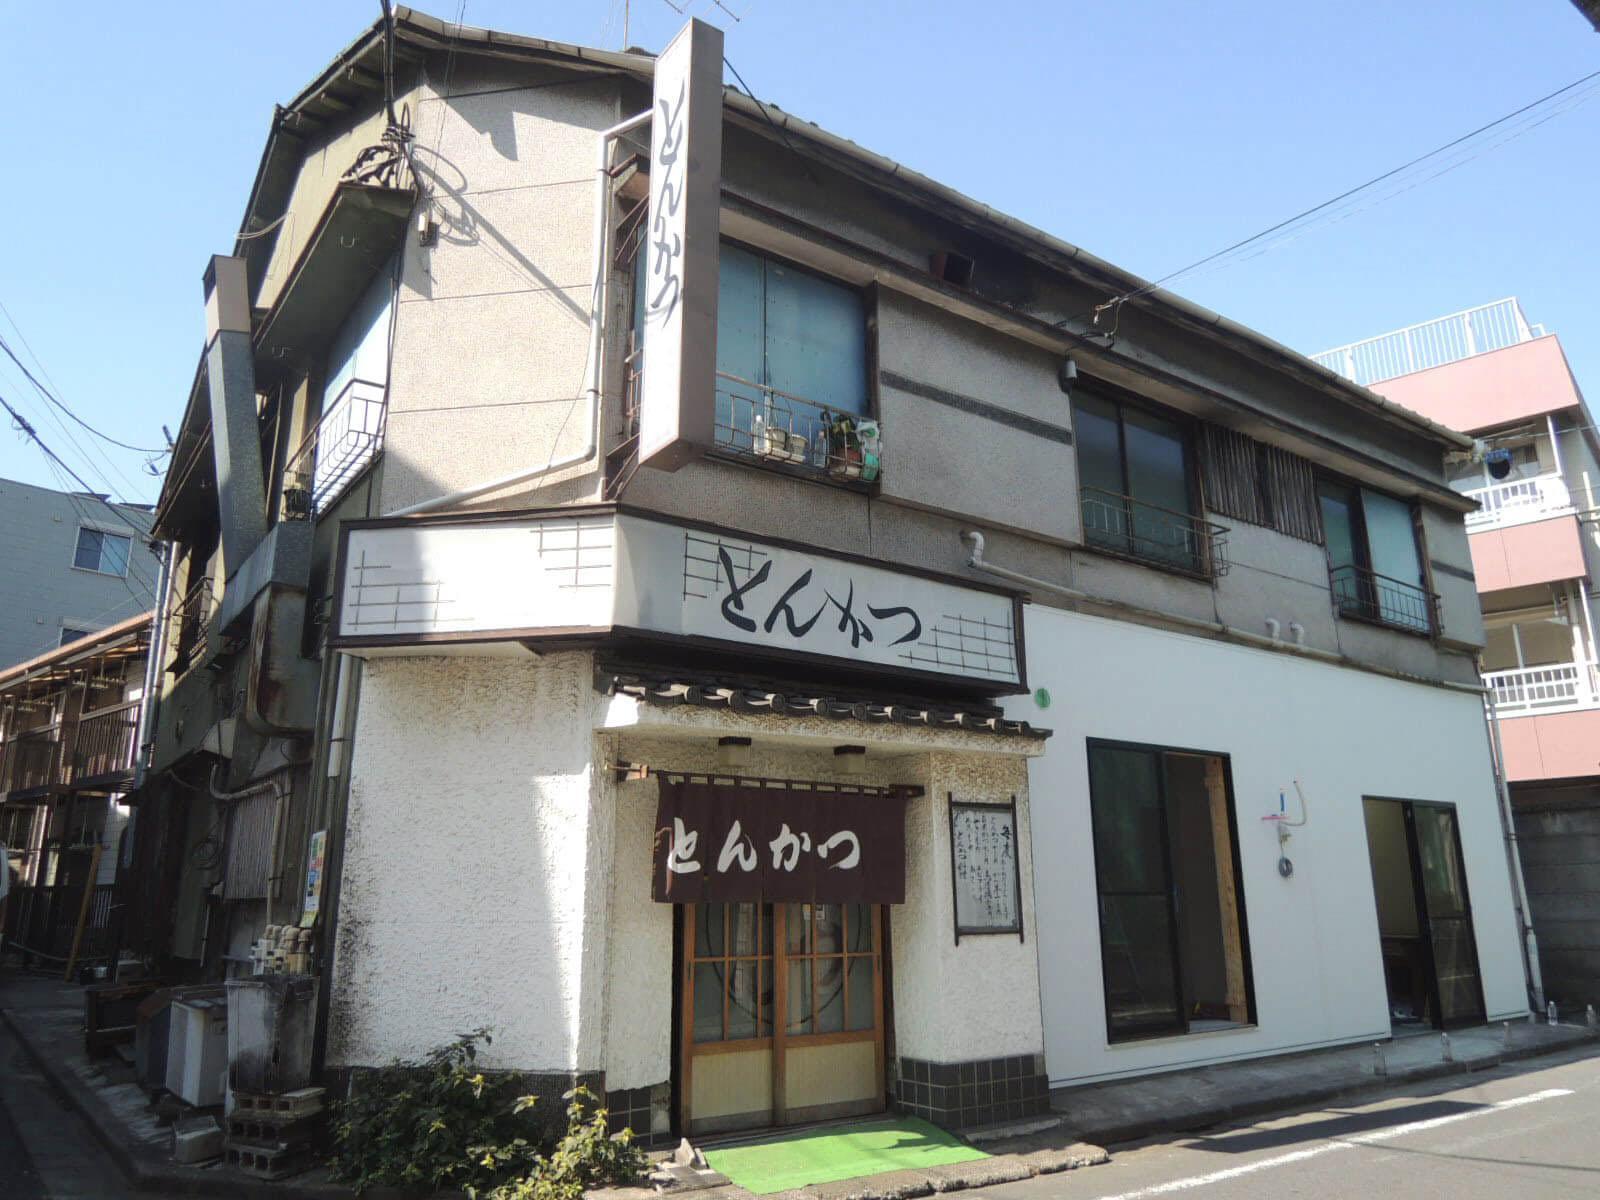 心惹かれる小上がり店舗 (大田区大森西の物件) - 東京R不動産